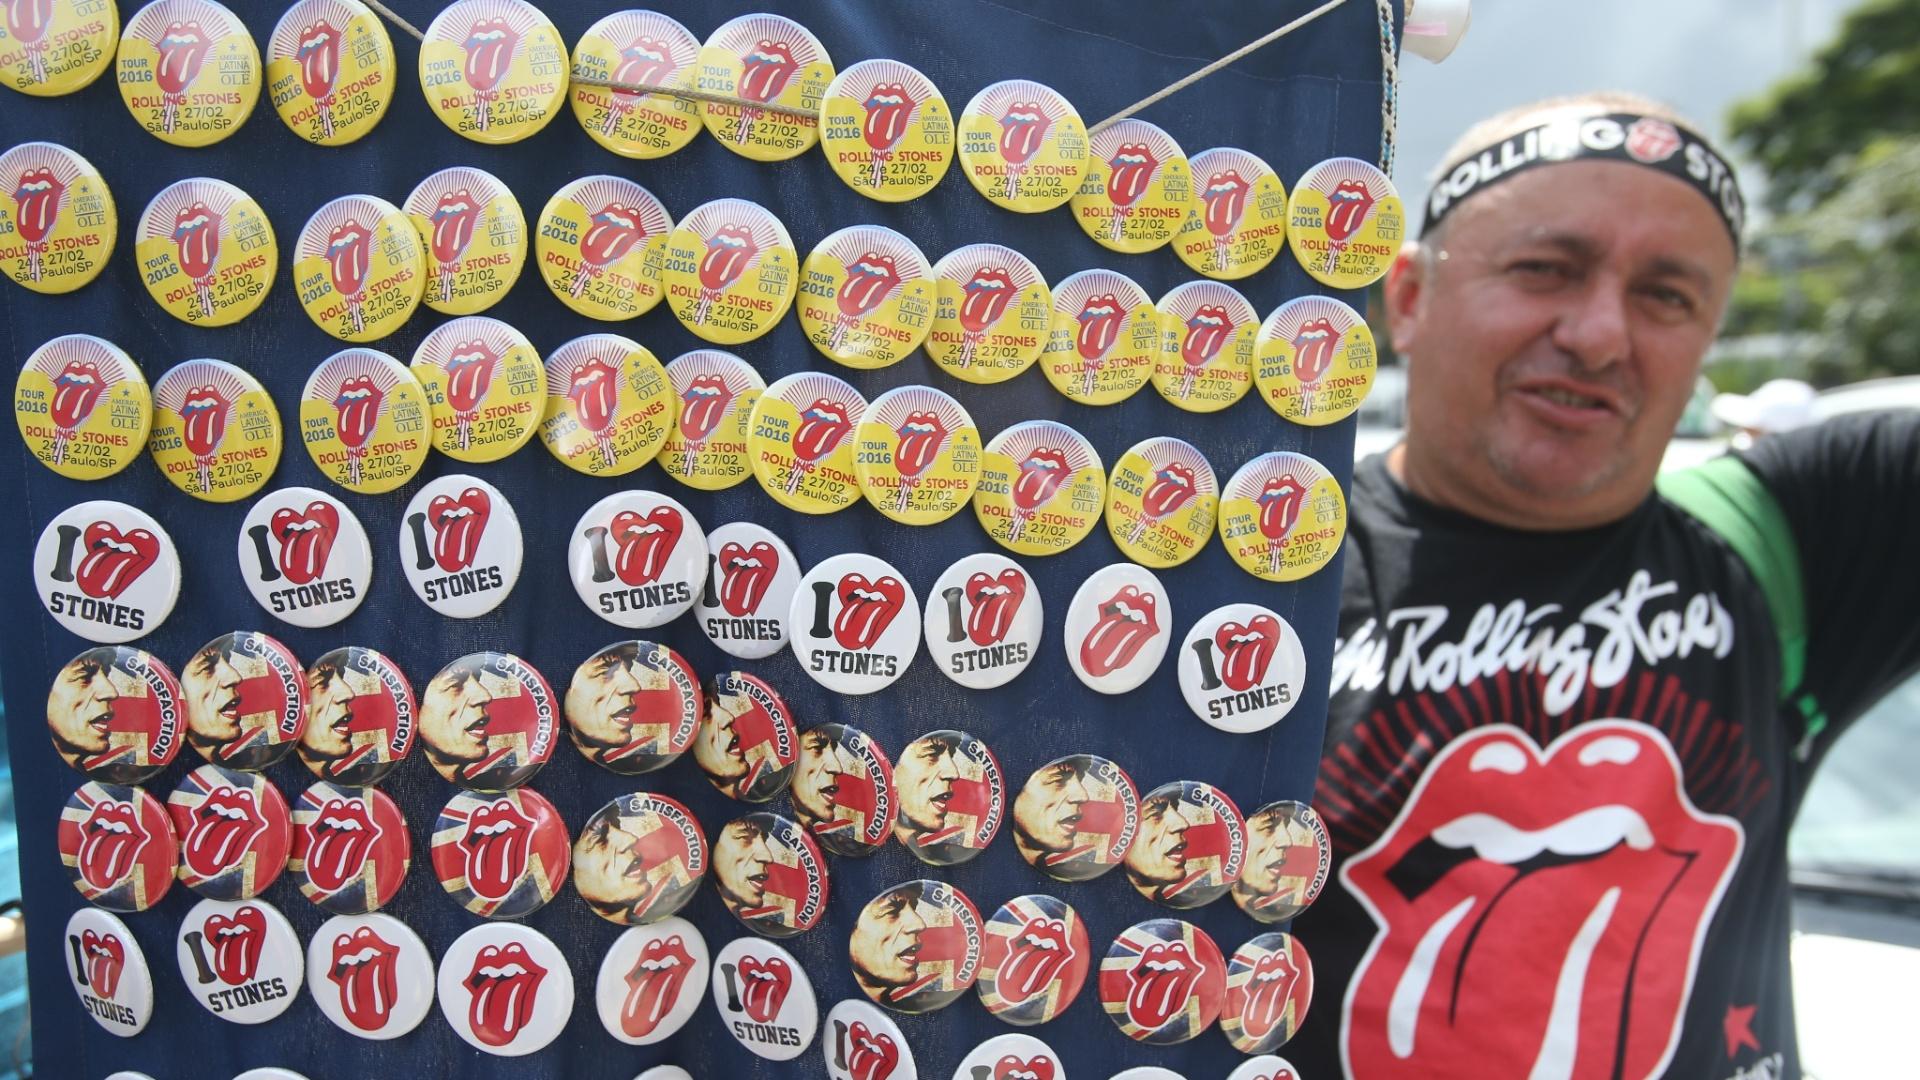 24.fev.2016 - Vendedor ambulante aproveita movimentação da fila para vender bótons dos Rolling Stones. A banda britânica se apresenta às 21h no estádio do Morumbi, em São Paulo.